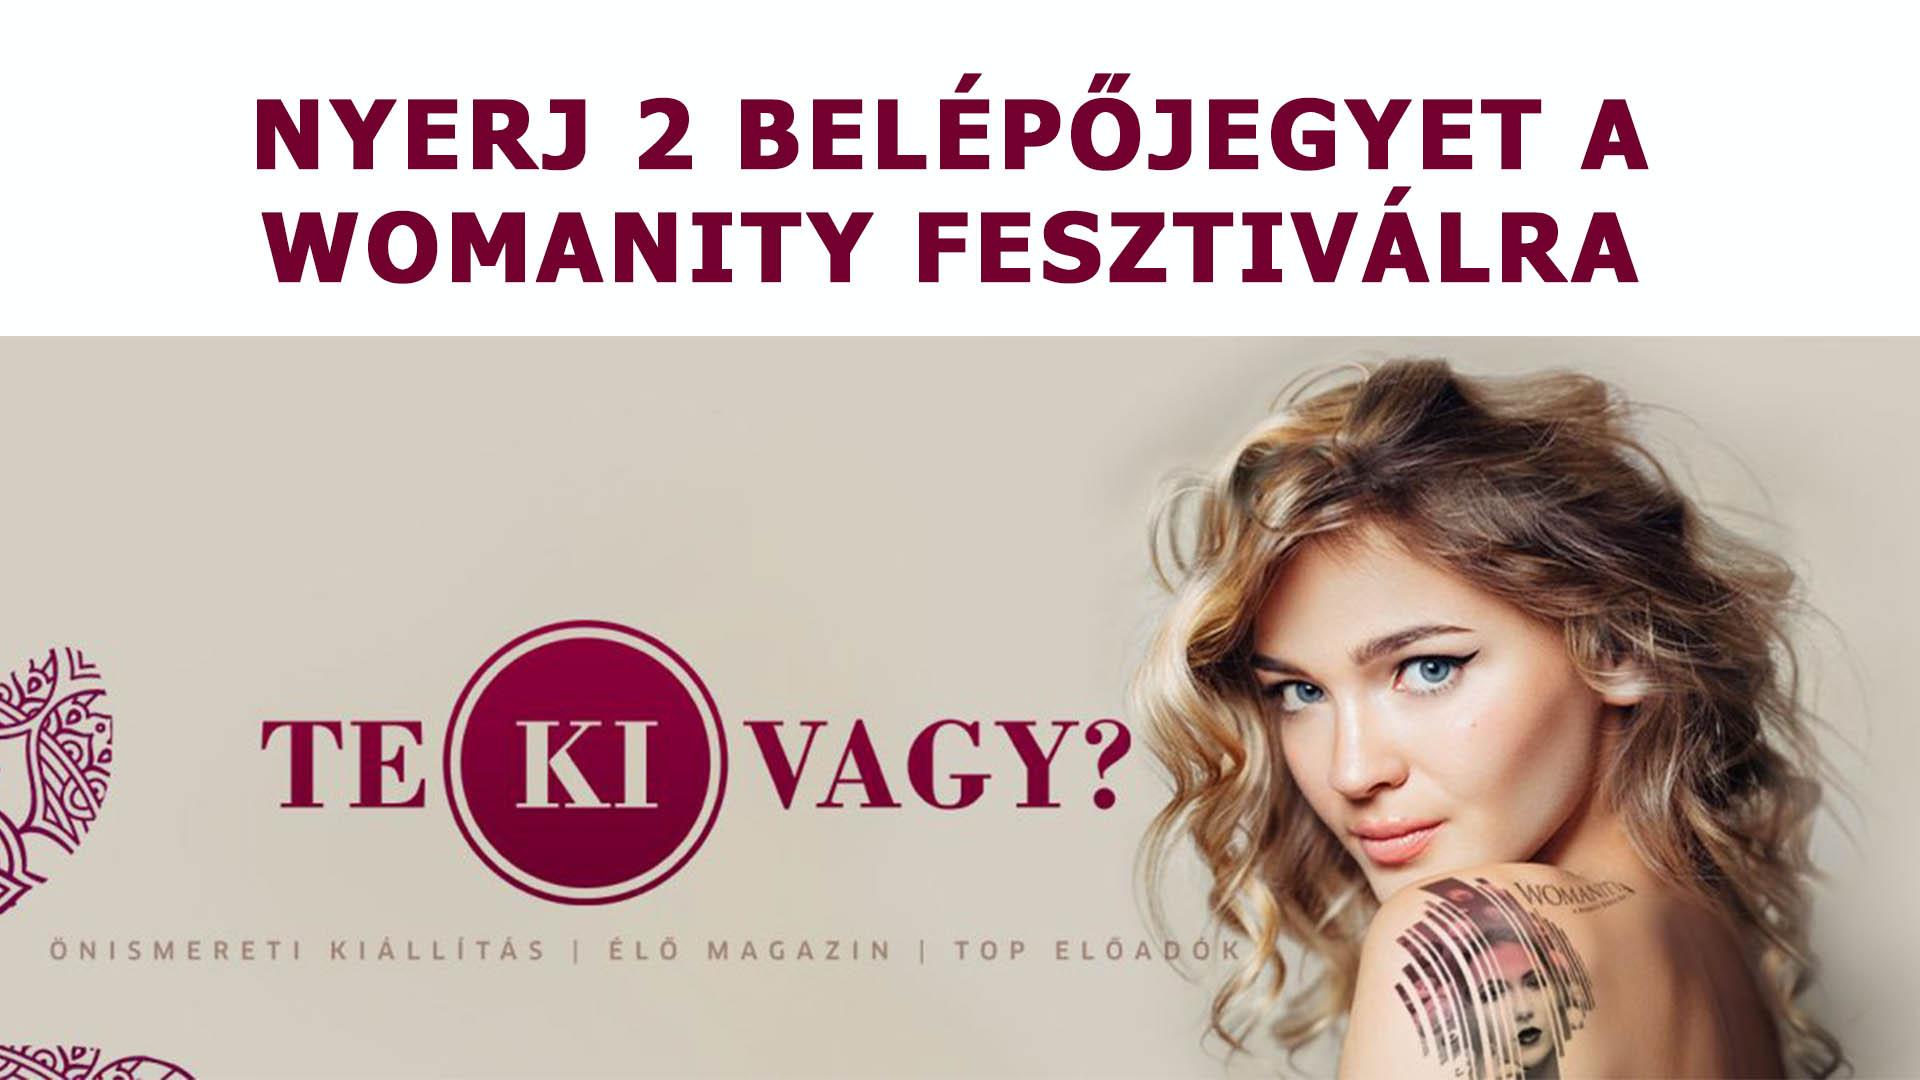 Nyerj 2 belépőjegyet a Womanity fesztiválra!